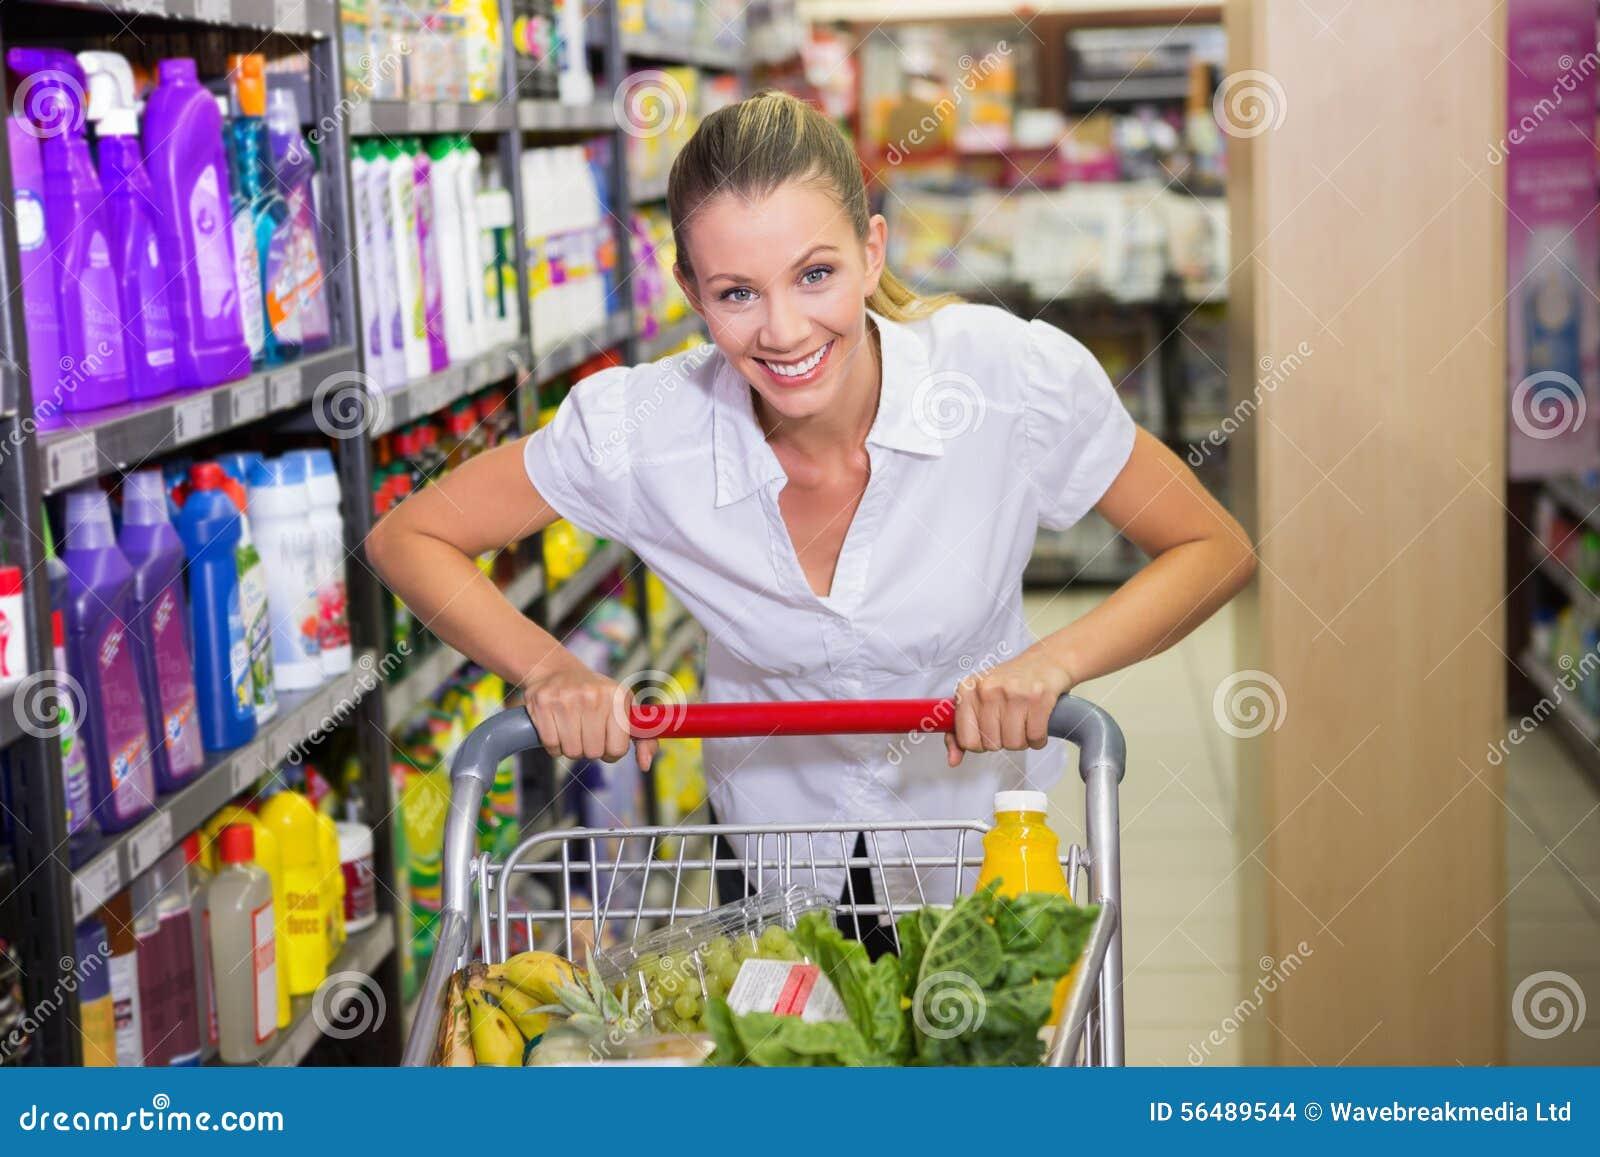 Portrait de femme de sourire marchant dans le bas-côté avec son trollet